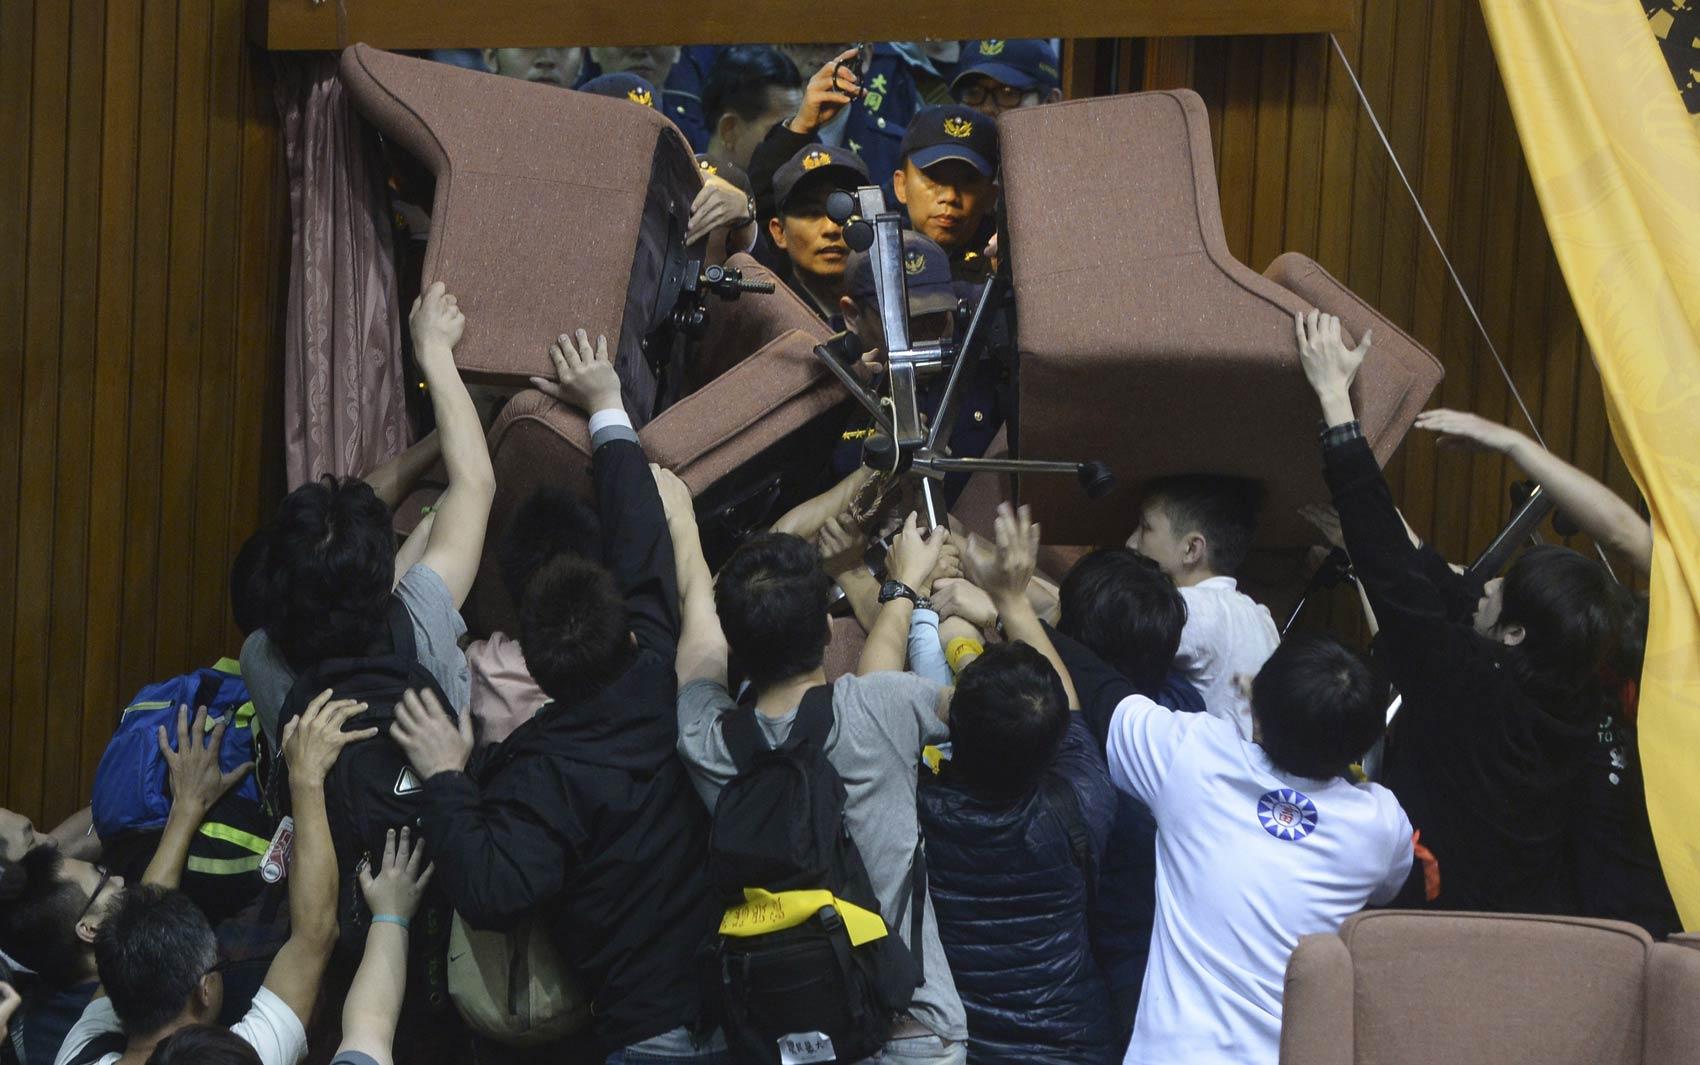 Estudantes taiwaneses que invadiram o parlamento em Taipei bloqueiam uma porta amontoando cadeiras para barrar a entrada da polícia. Os manifestantes invadiram o local para impedir a votação de um pacto de comércio com a China sem revisão item a item